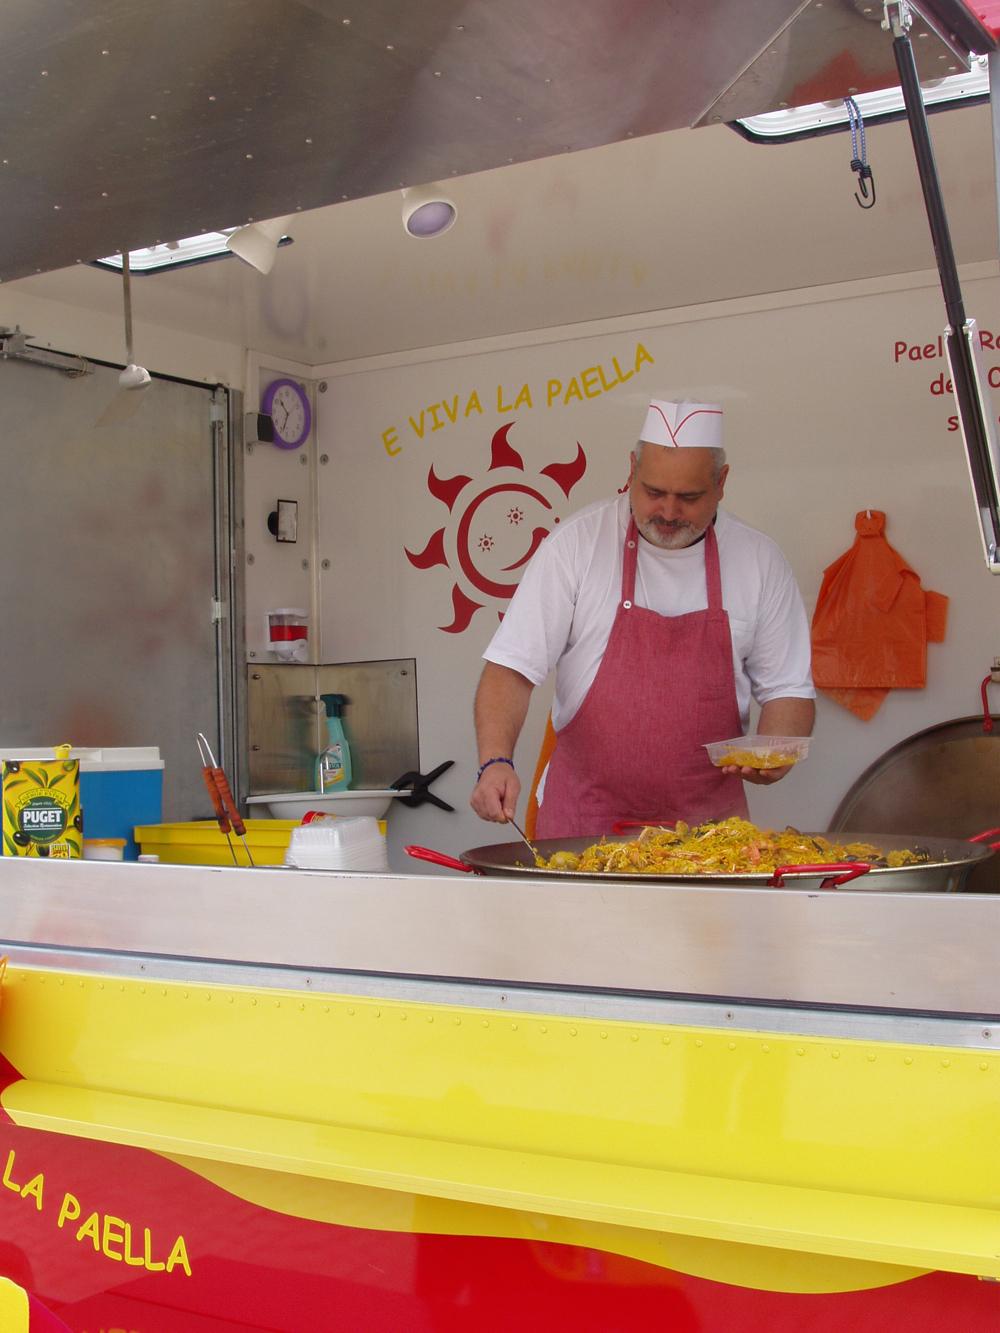 M. Girard remplissant une barquette dans son camion E Viva La Paella